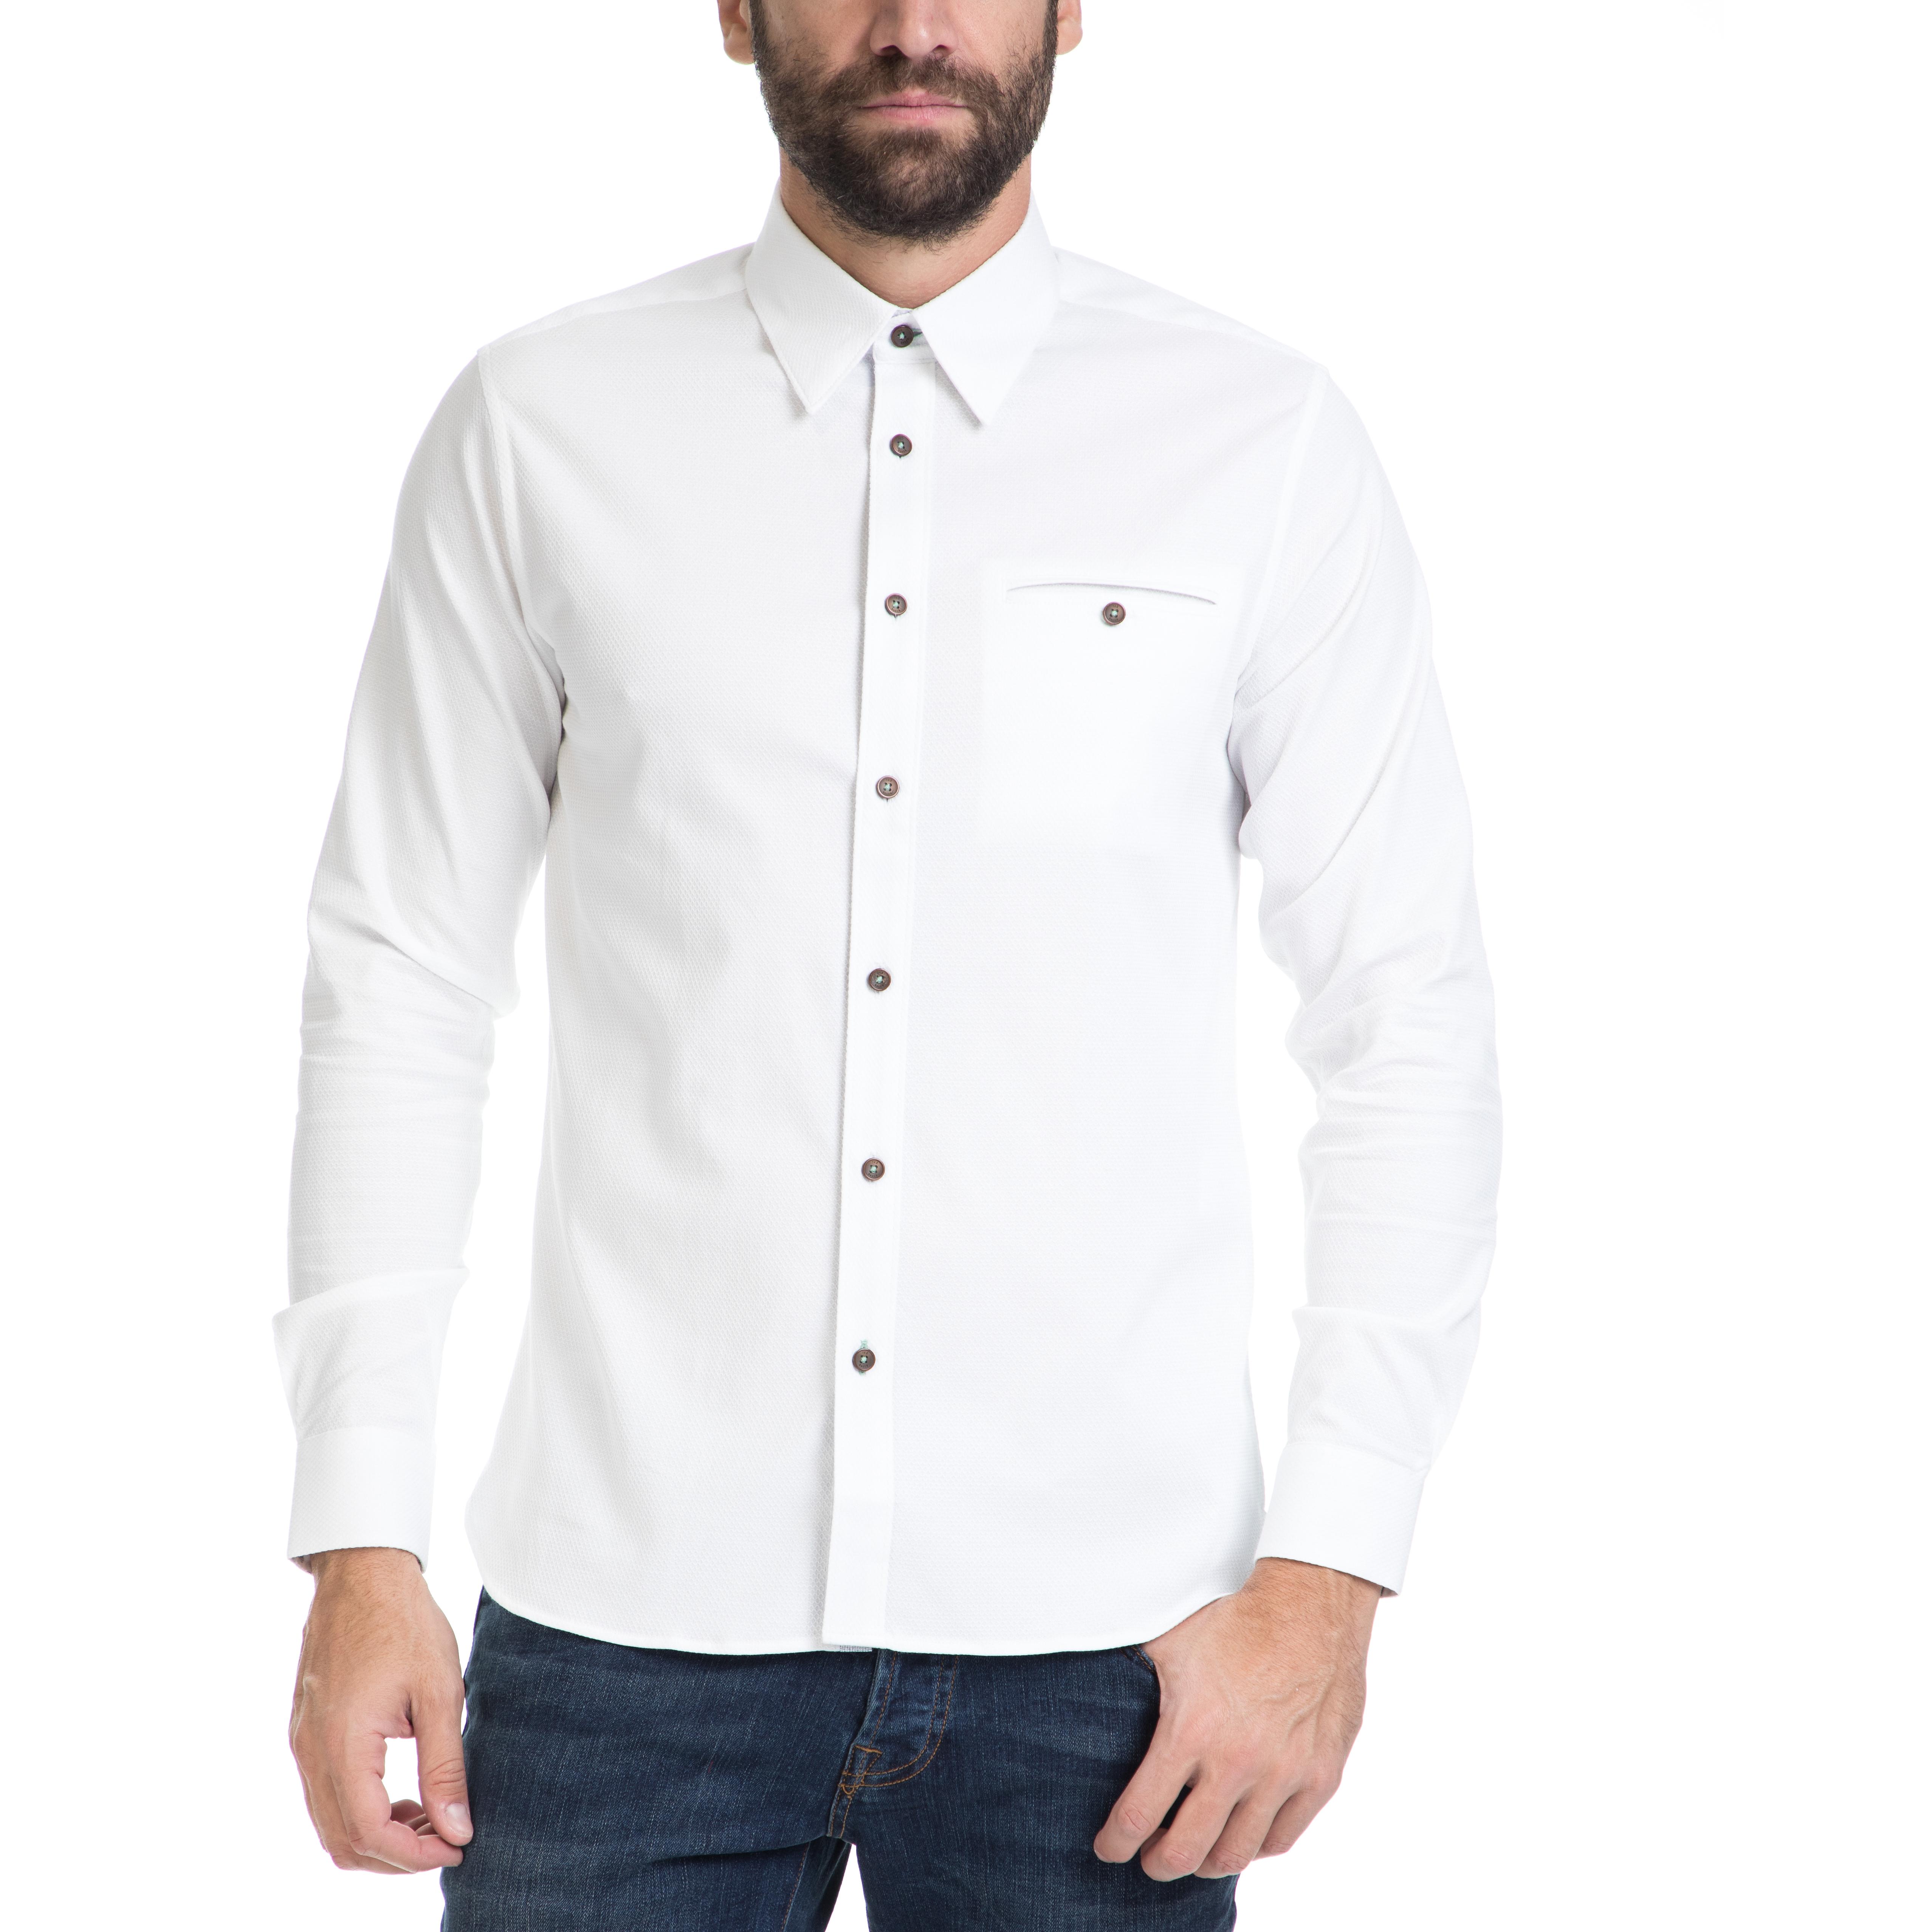 TED BAKER - Ανδρικό πουκάμισο OBIDOS TED BAKER λευκό ανδρικά ρούχα πουκάμισα μακρυμάνικα